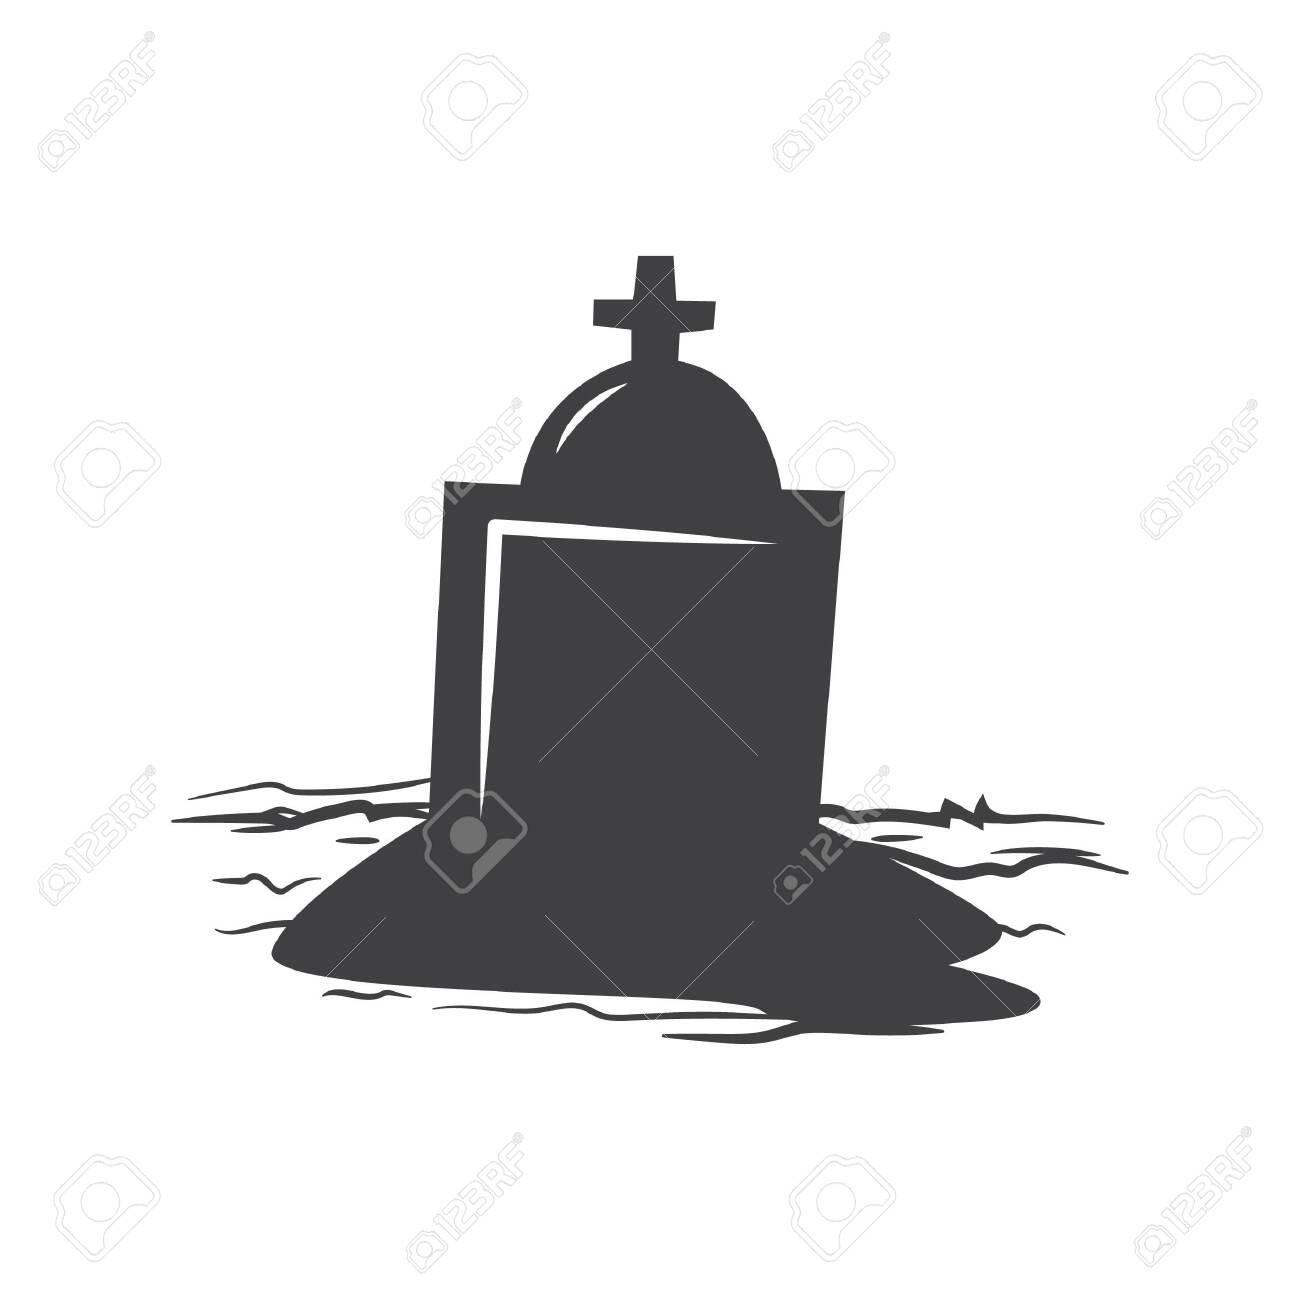 tombstone - 106672378